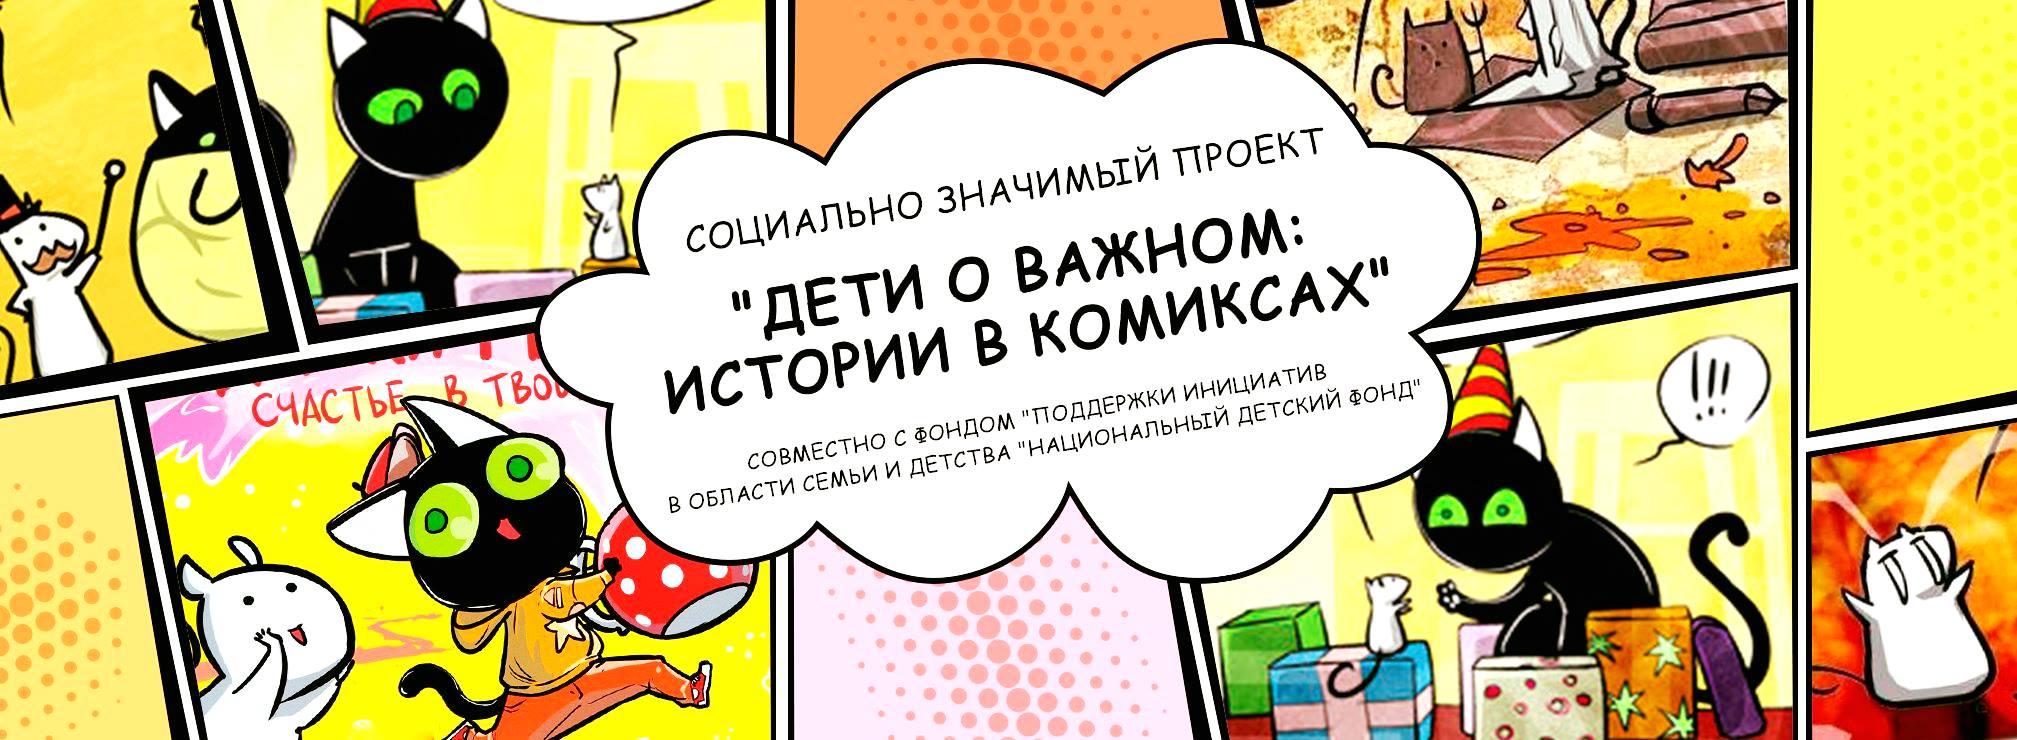 Проект «Дети о важном: истории в комиксах» переходит в онлайн-формат!